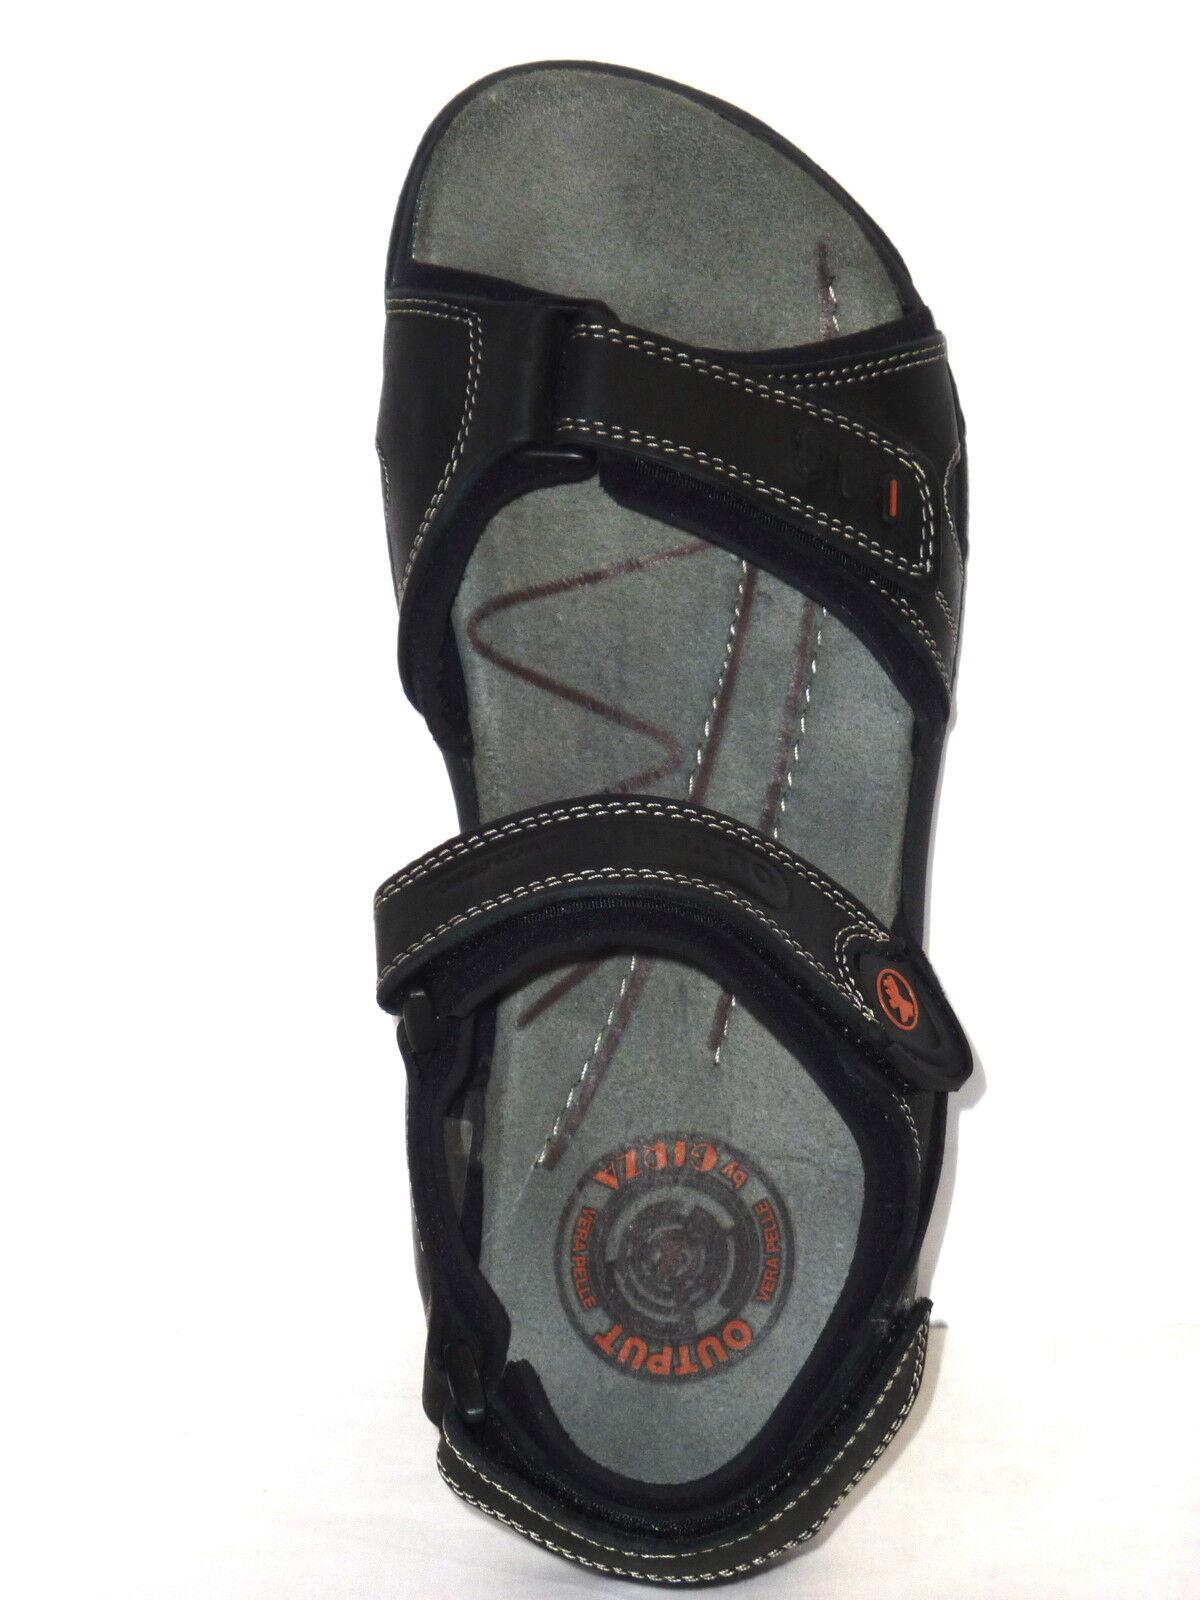 Herren Sandalen Einstellungen schwarzes Leder mit drei Einstellungen Sandalen reißen Fußbett n.44 1e5d84